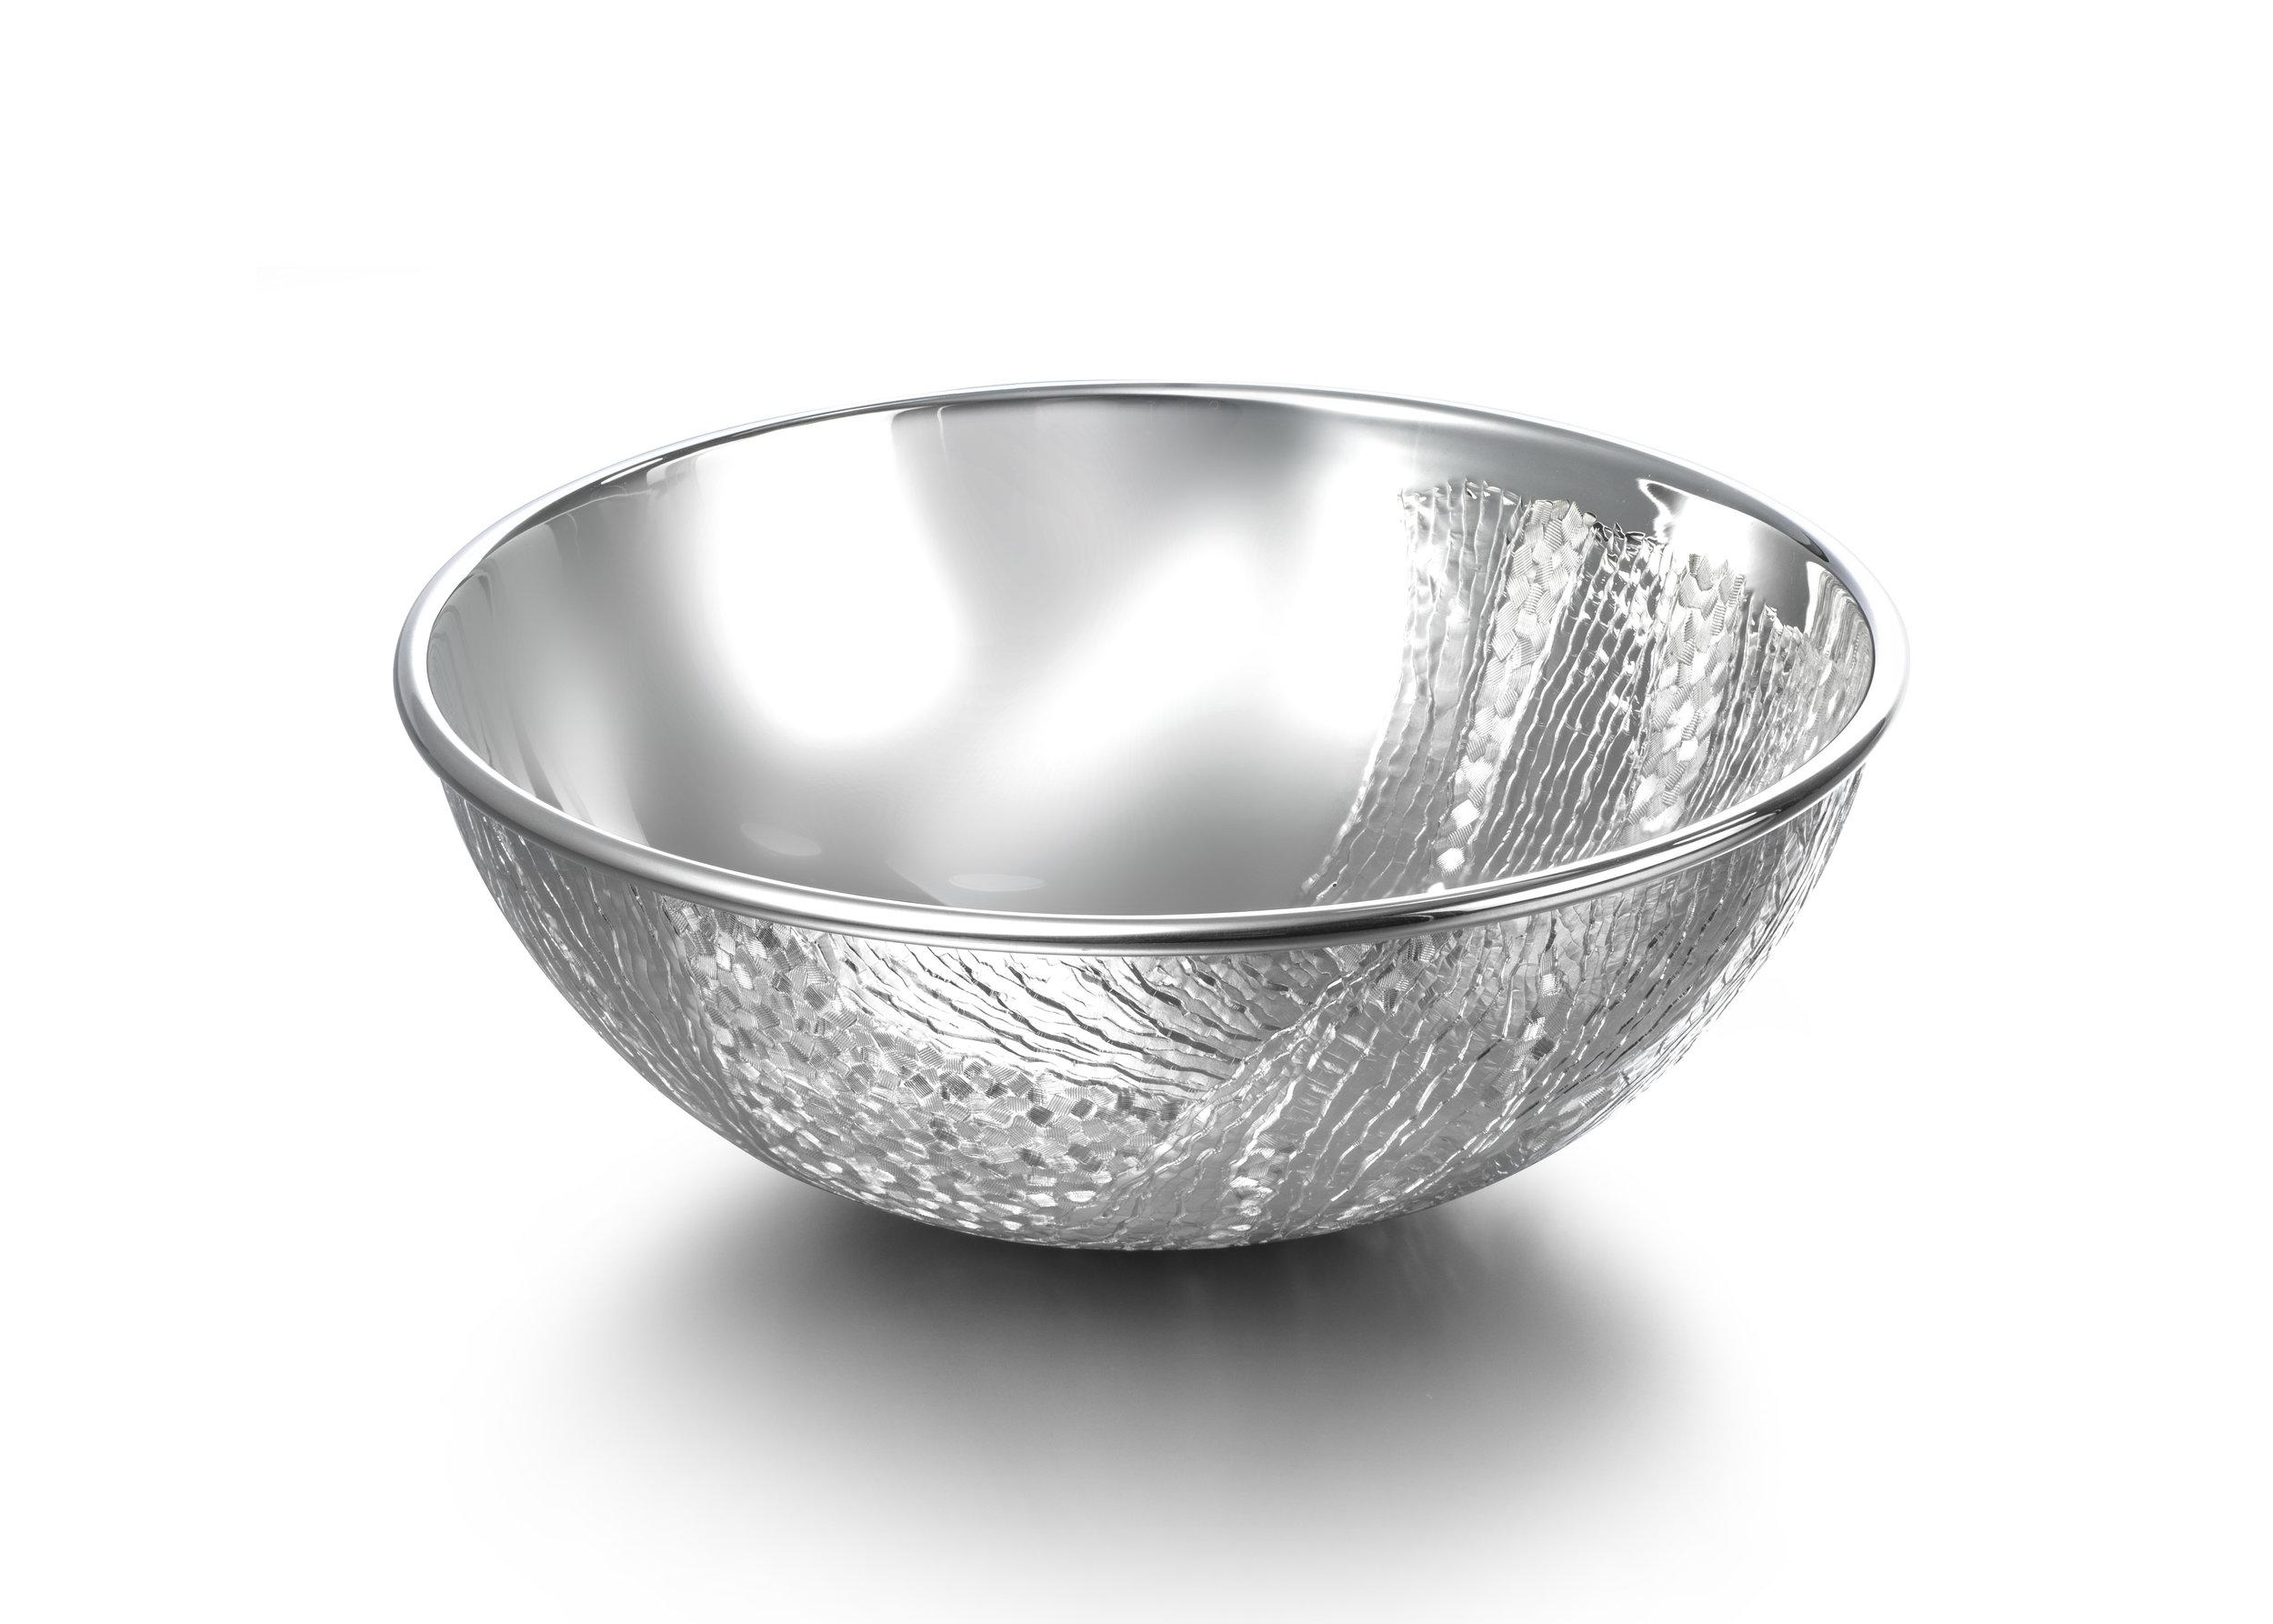 KJ - Hand engraved bowl.jpg